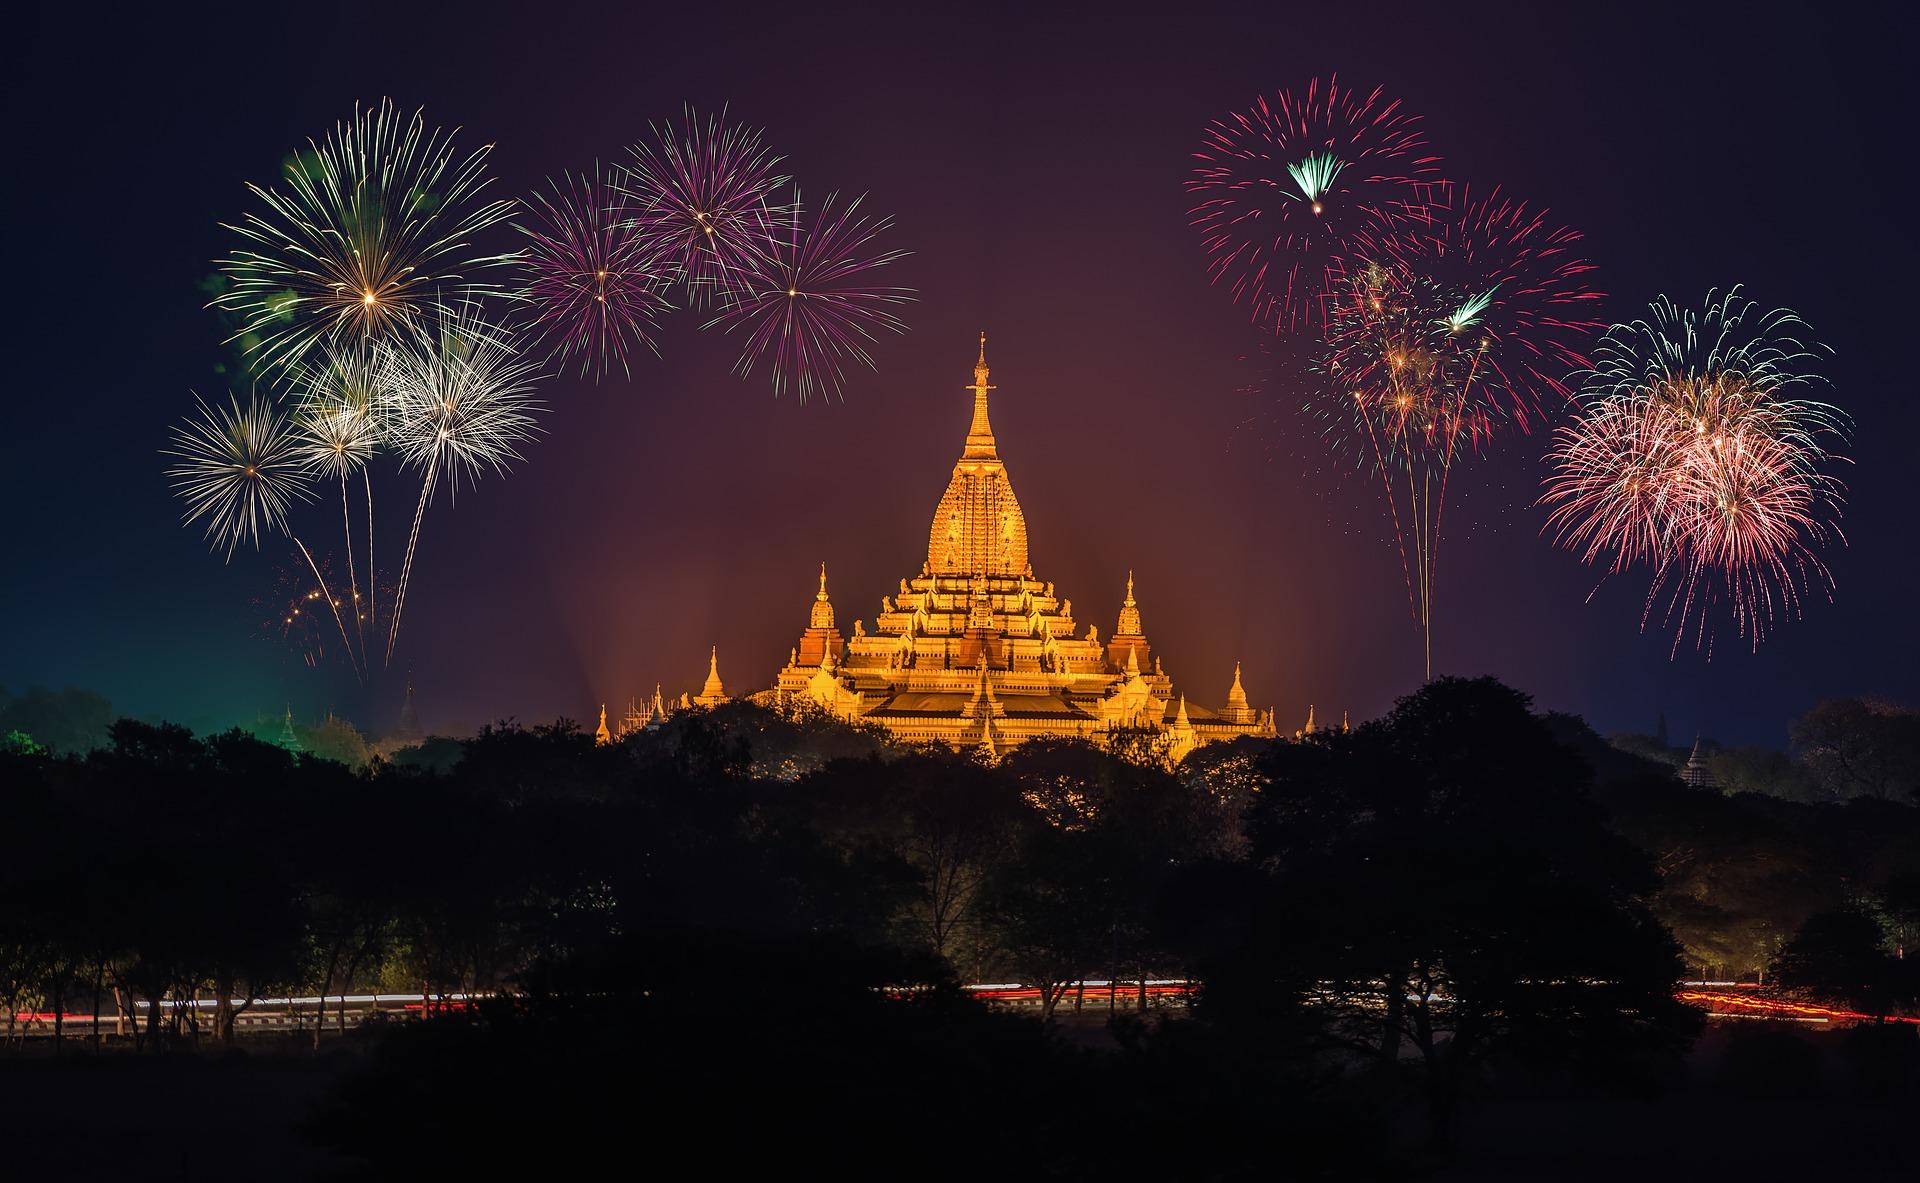 Fireworks over Burma